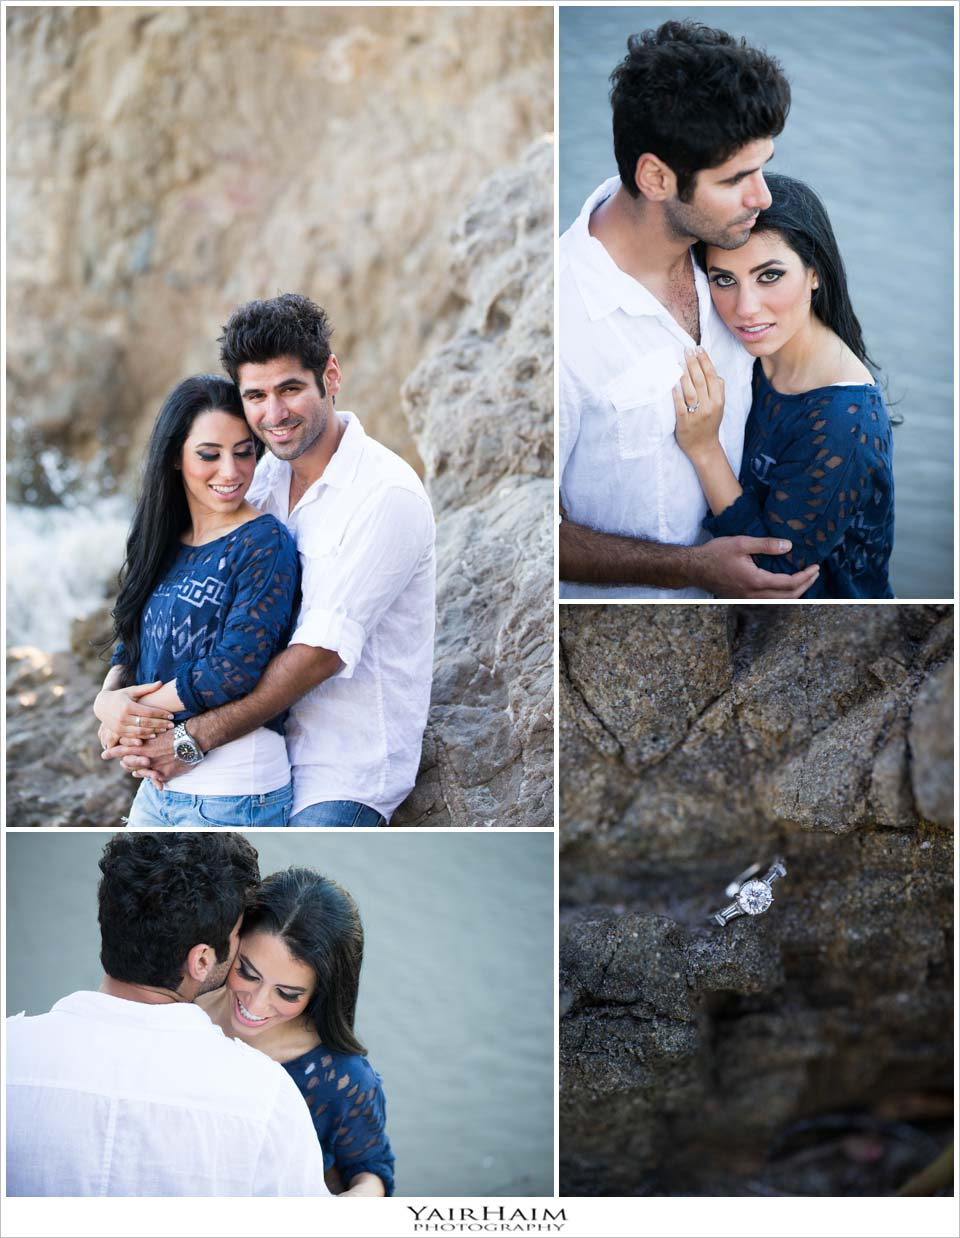 El-Matador-beach-Malibu-engagement-photos-yair-haim-photography